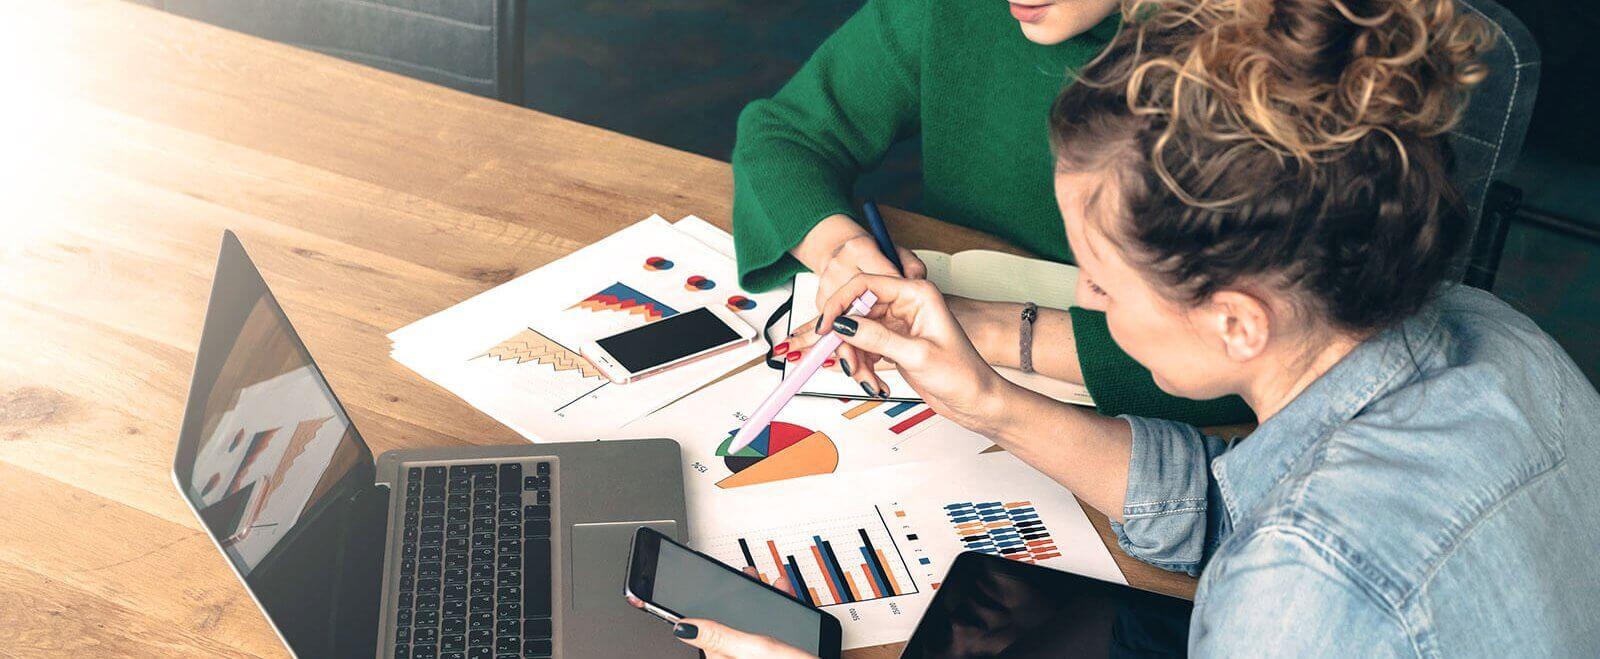 Erfolgreiche Akquise - und Anschlussprojekte generieren: 5 Erfolgsrezepte